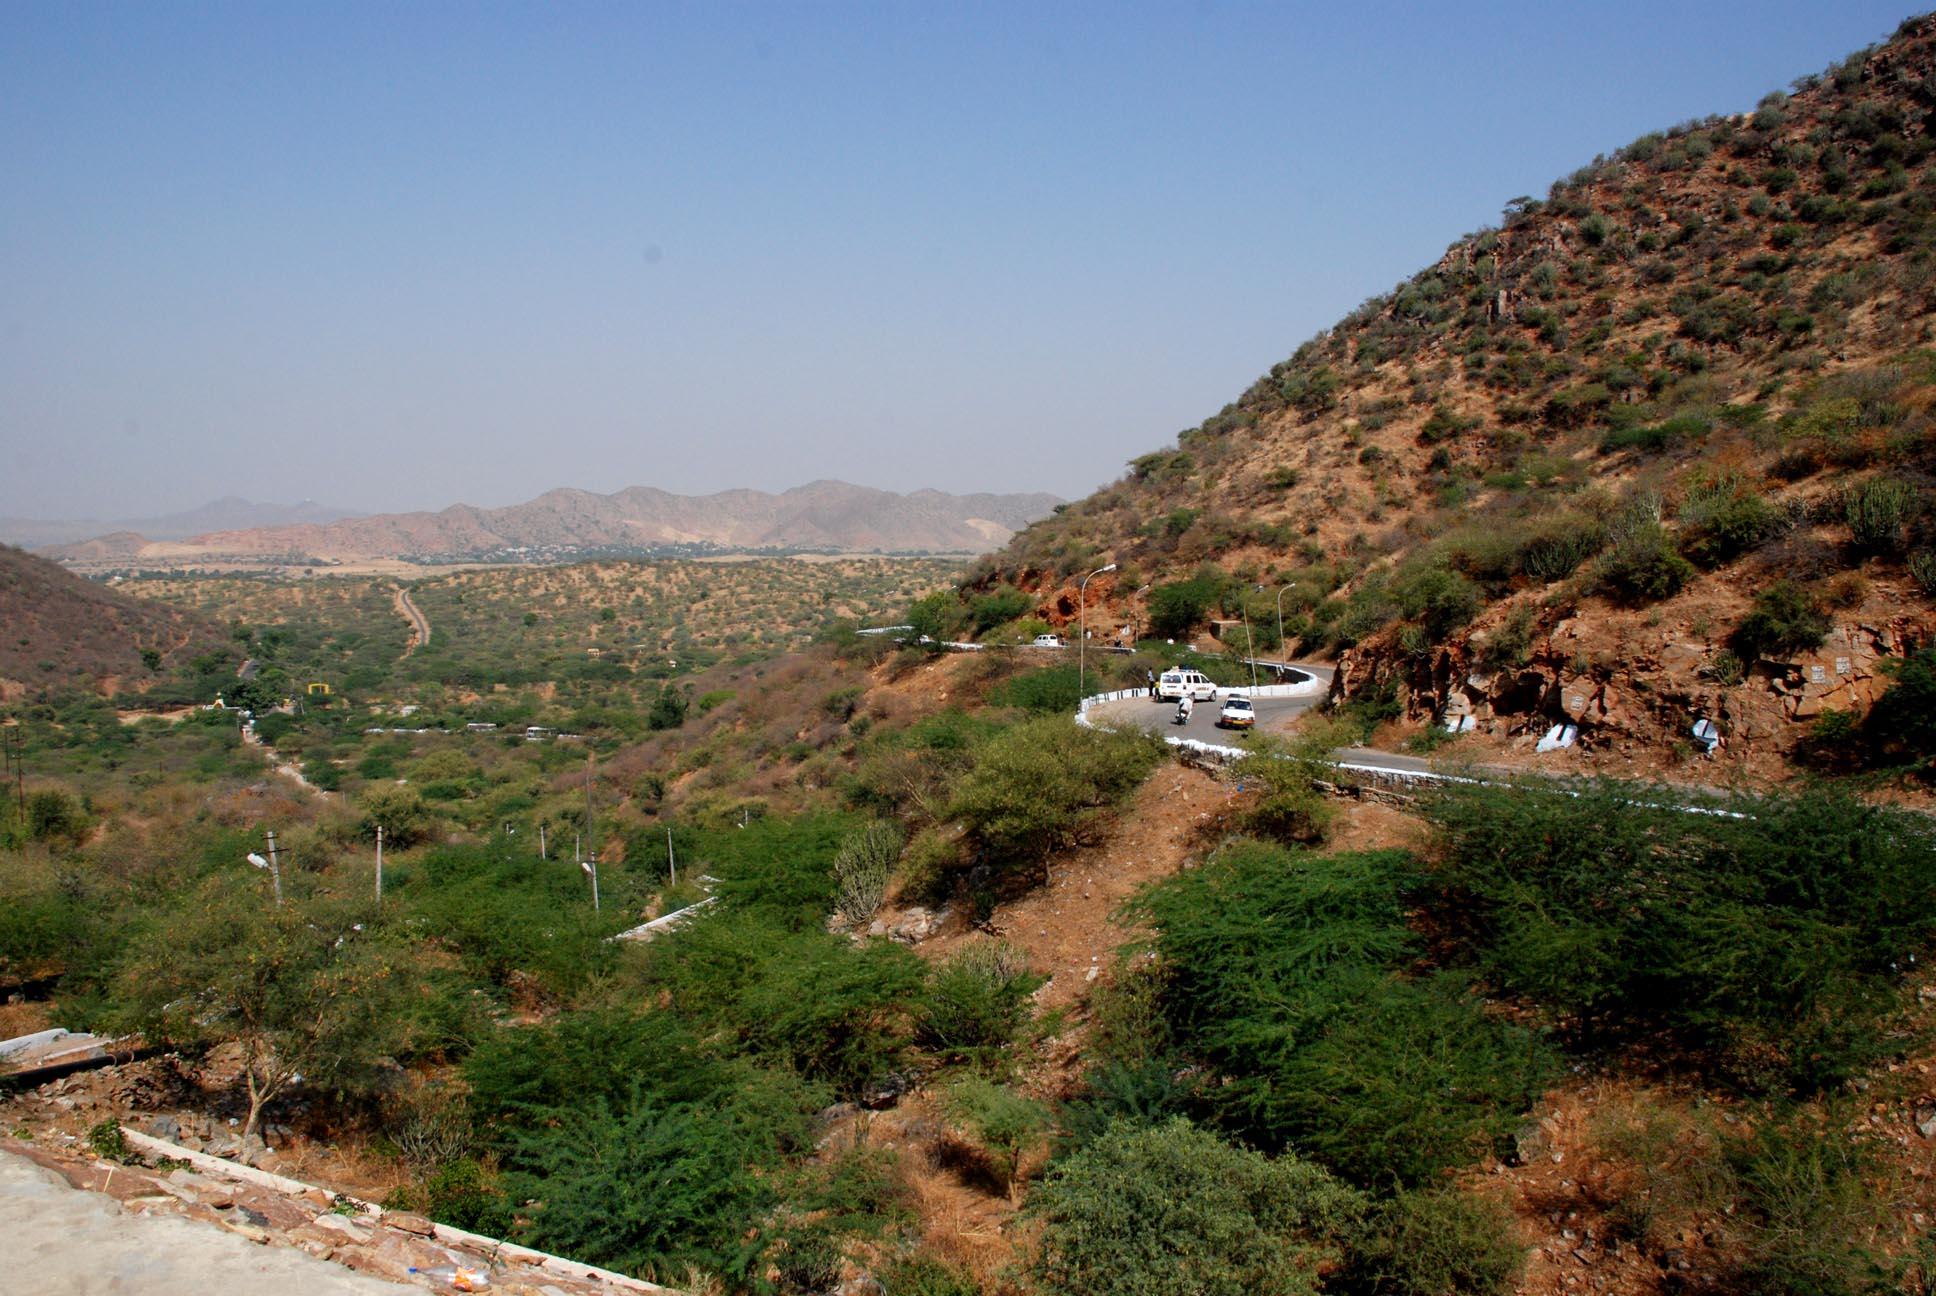 The road to Pushkar!